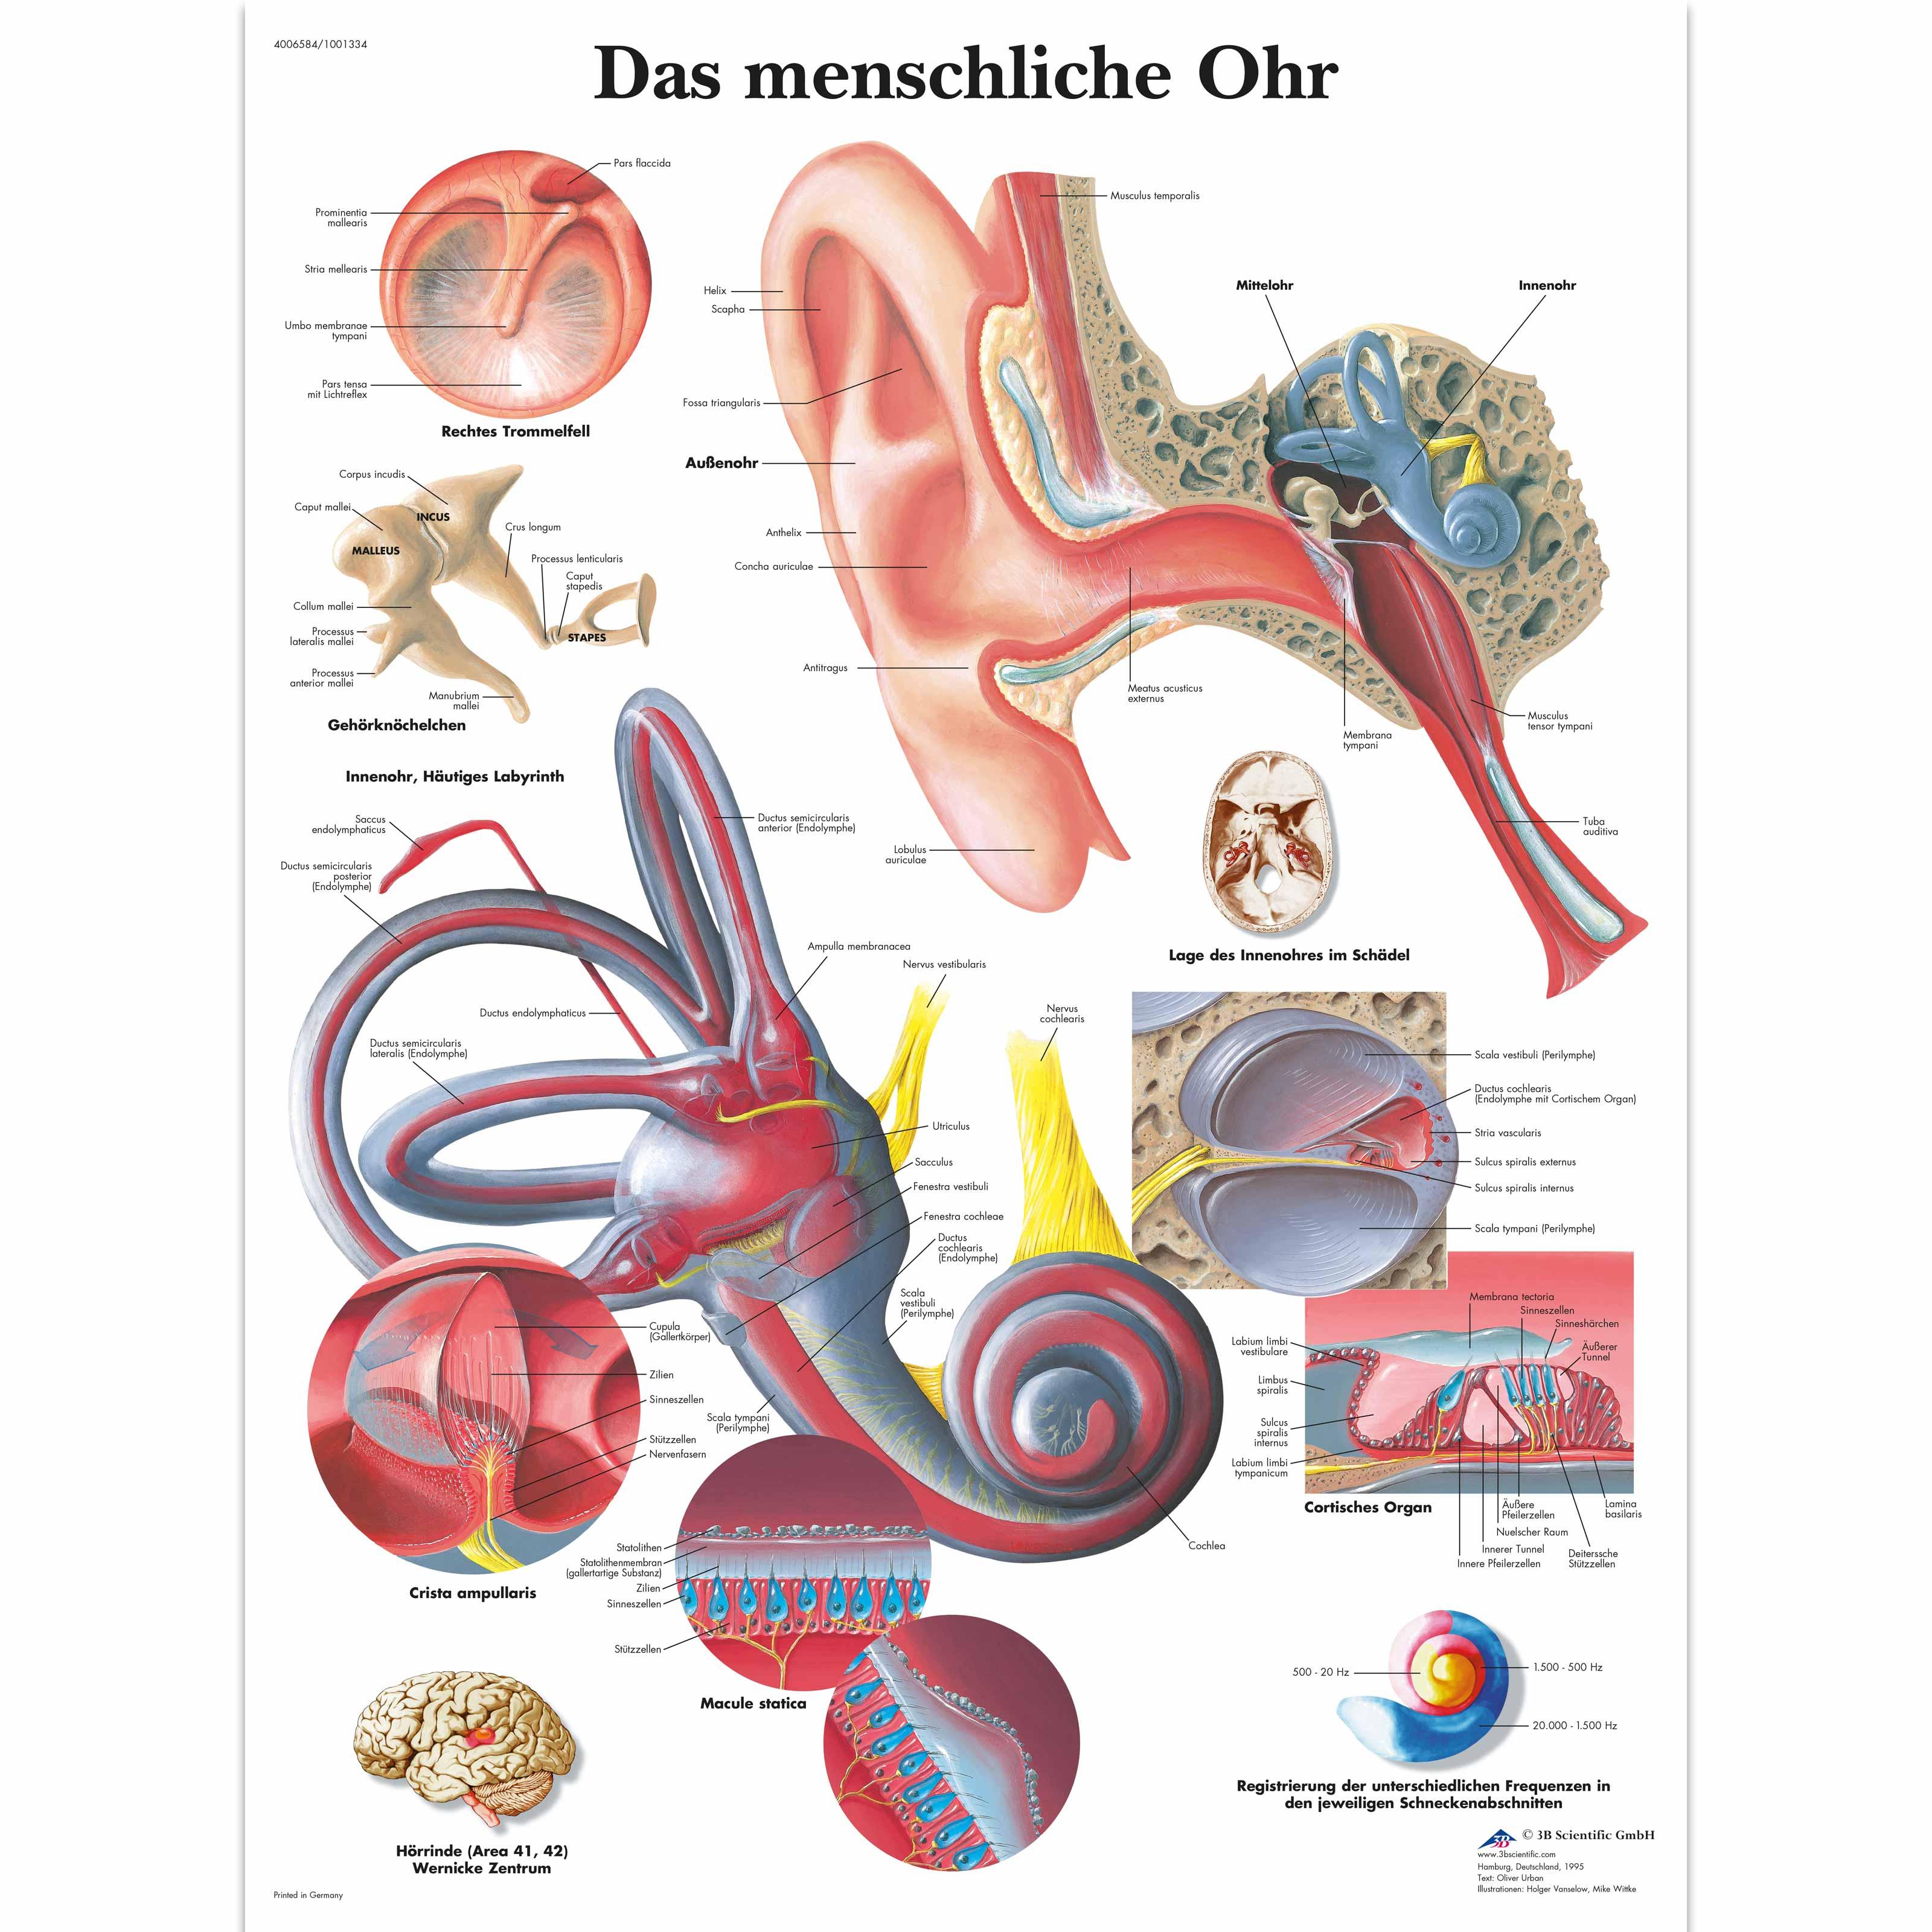 Lehrtafel - Das menschliche Ohr - 4006584 - VR0243UU - Hals, Nasen ...